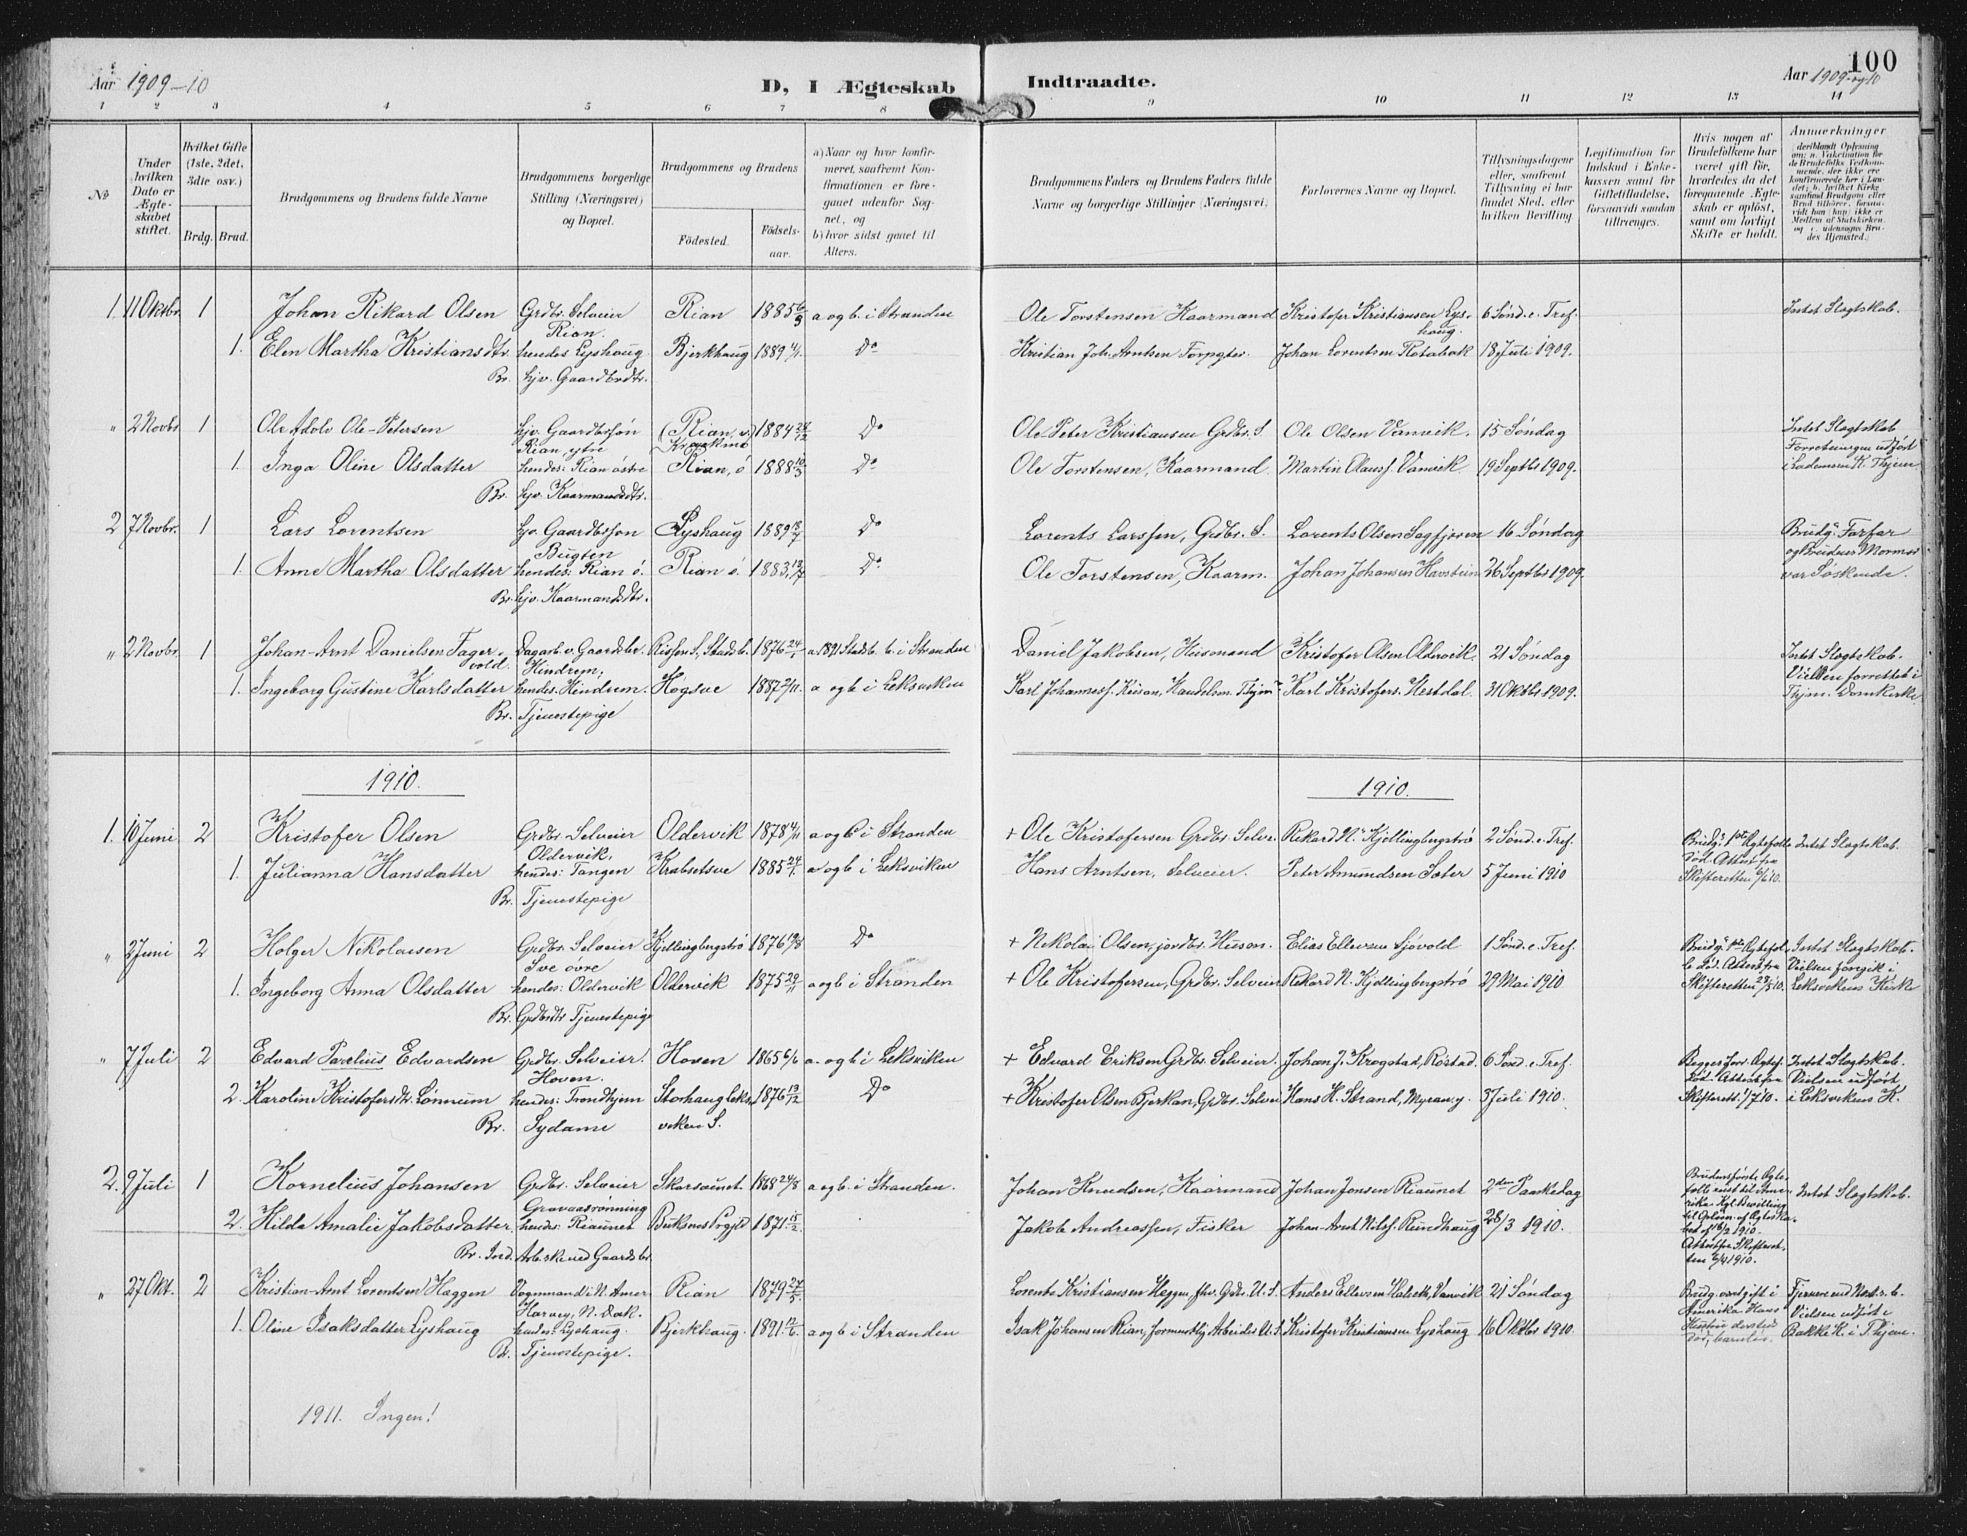 SAT, Ministerialprotokoller, klokkerbøker og fødselsregistre - Nord-Trøndelag, 702/L0024: Ministerialbok nr. 702A02, 1898-1914, s. 100